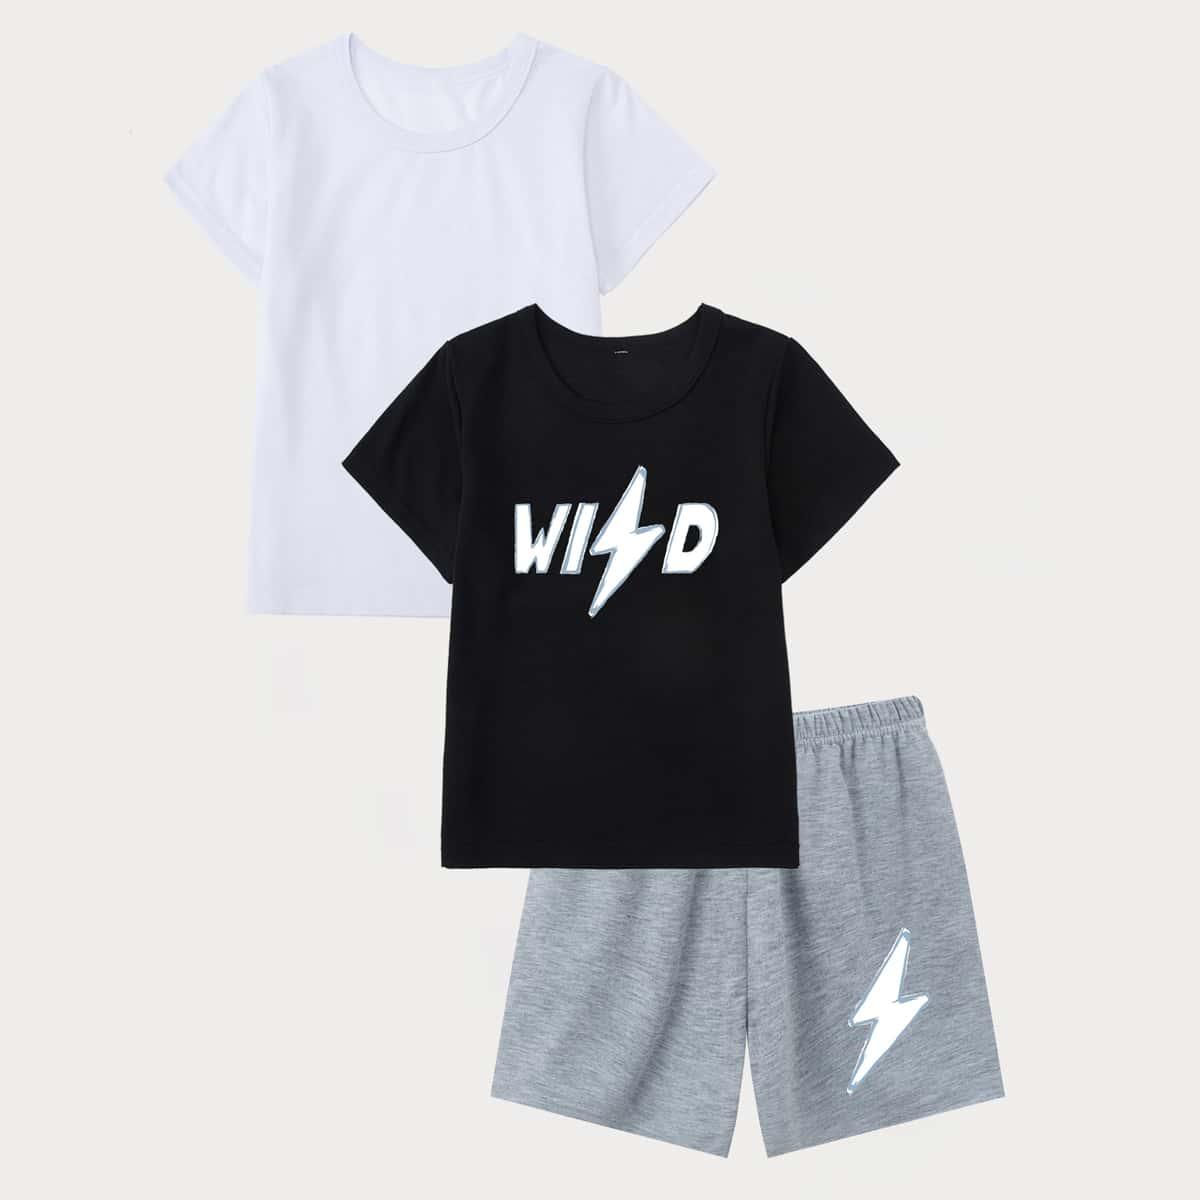 3шт пижама с текстовым принтом для мальчиков